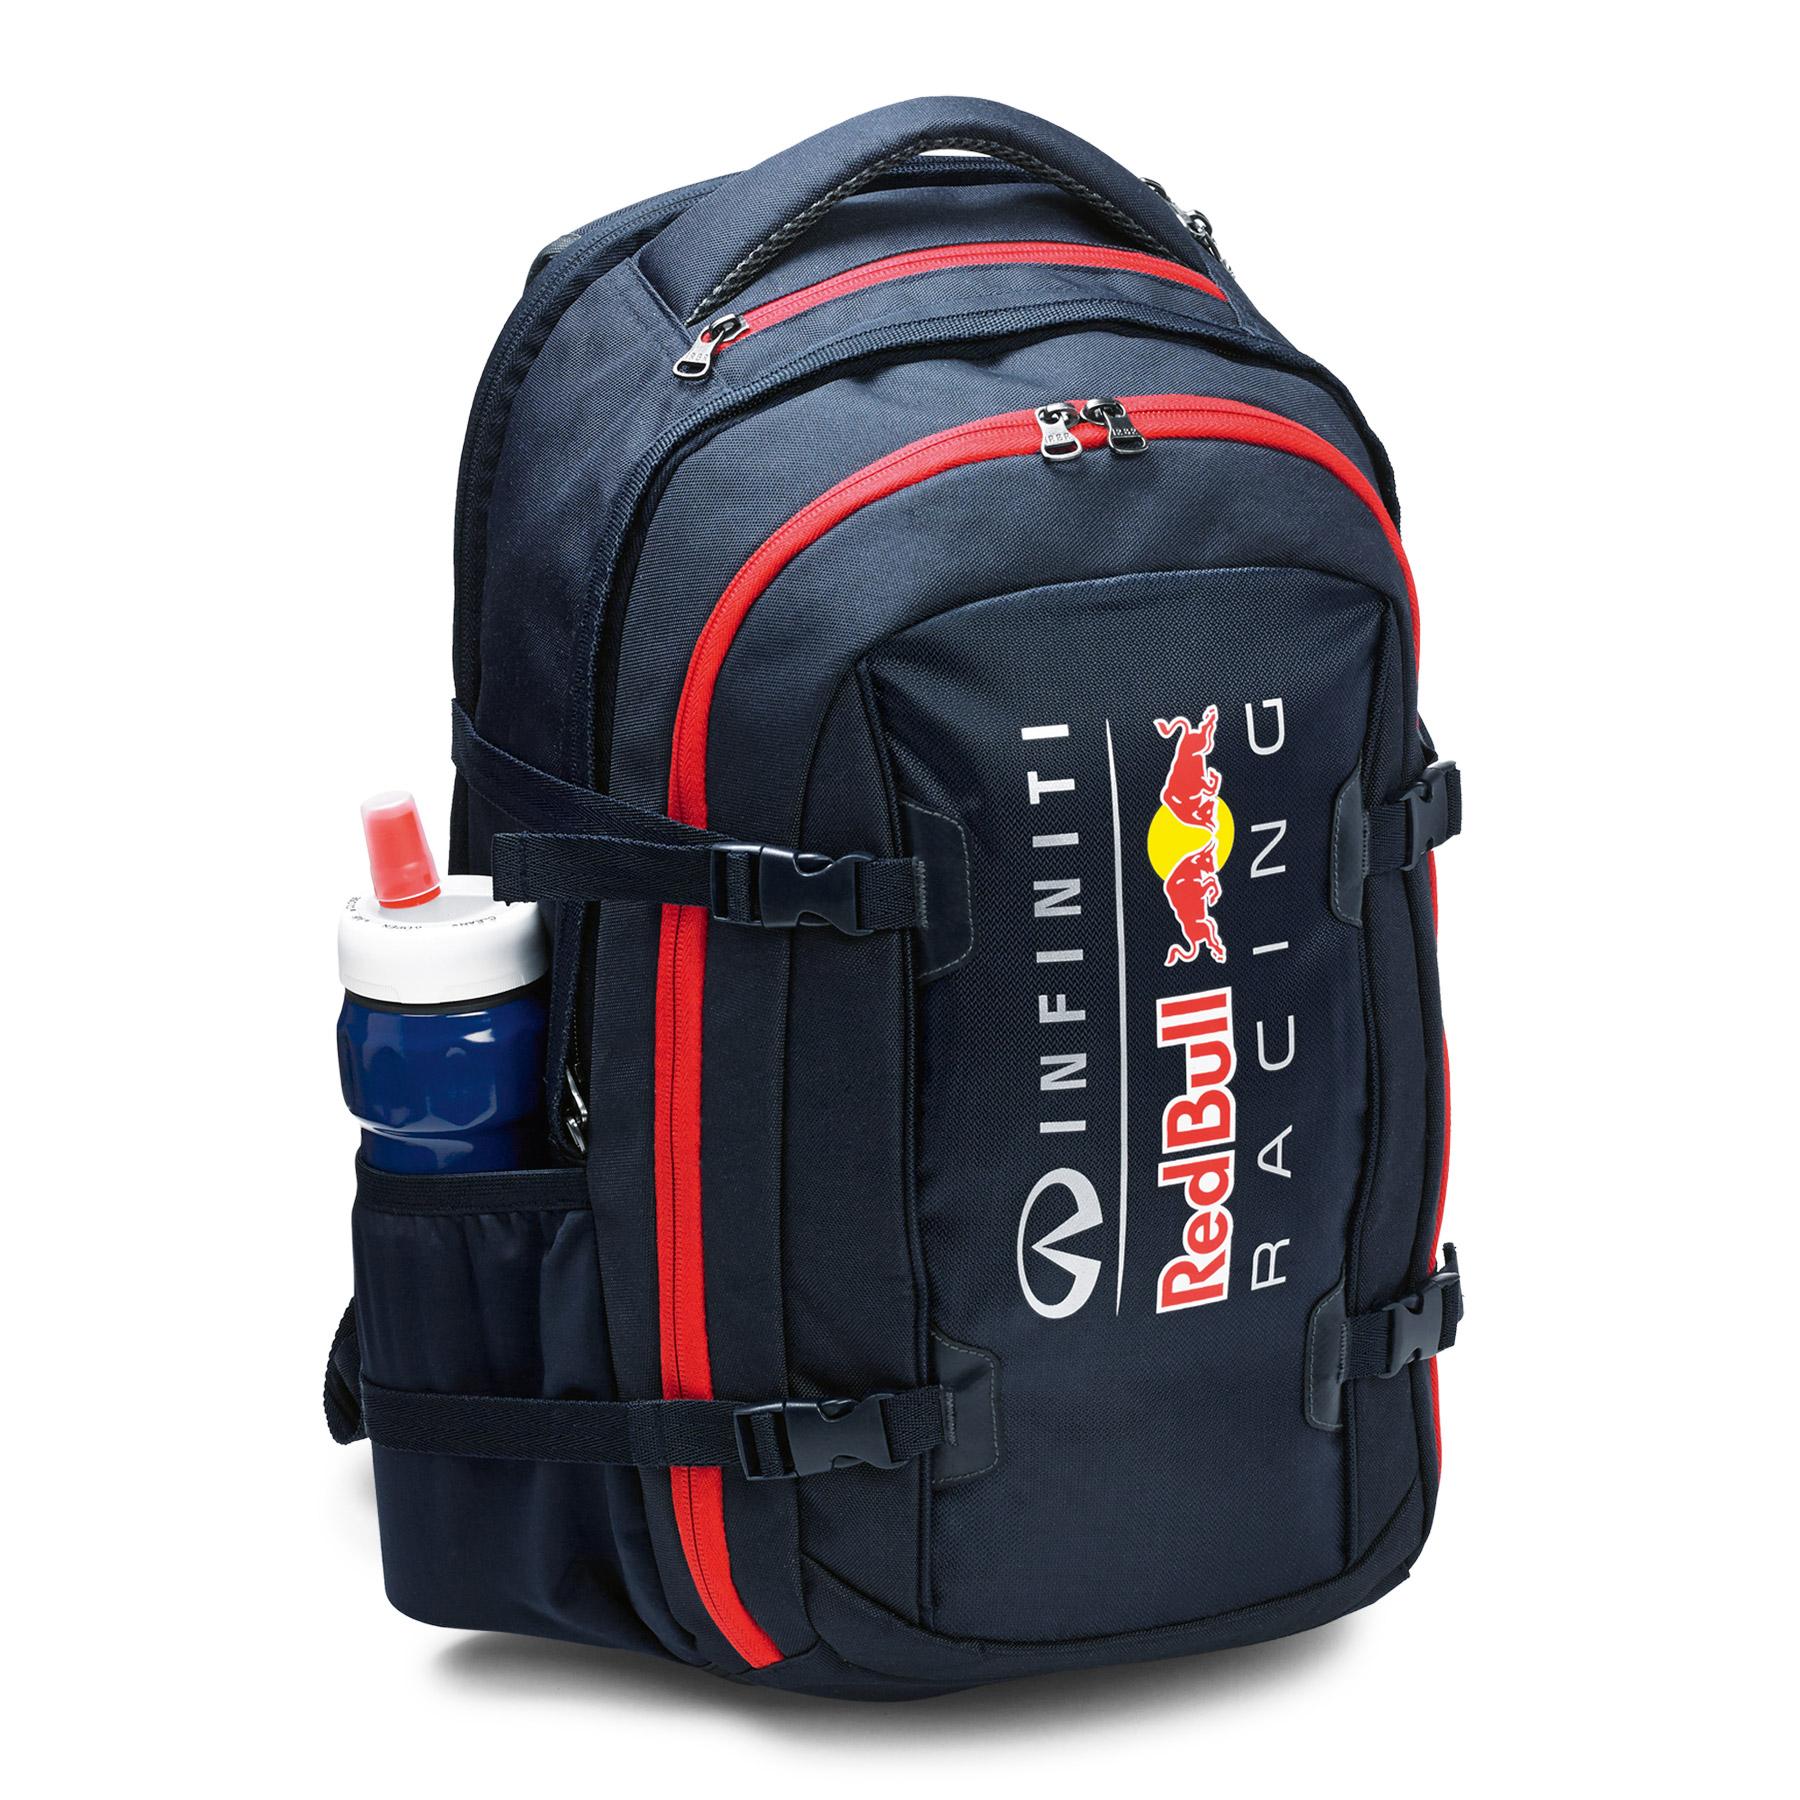 Infiniti Red Bull Racing Race Backpack